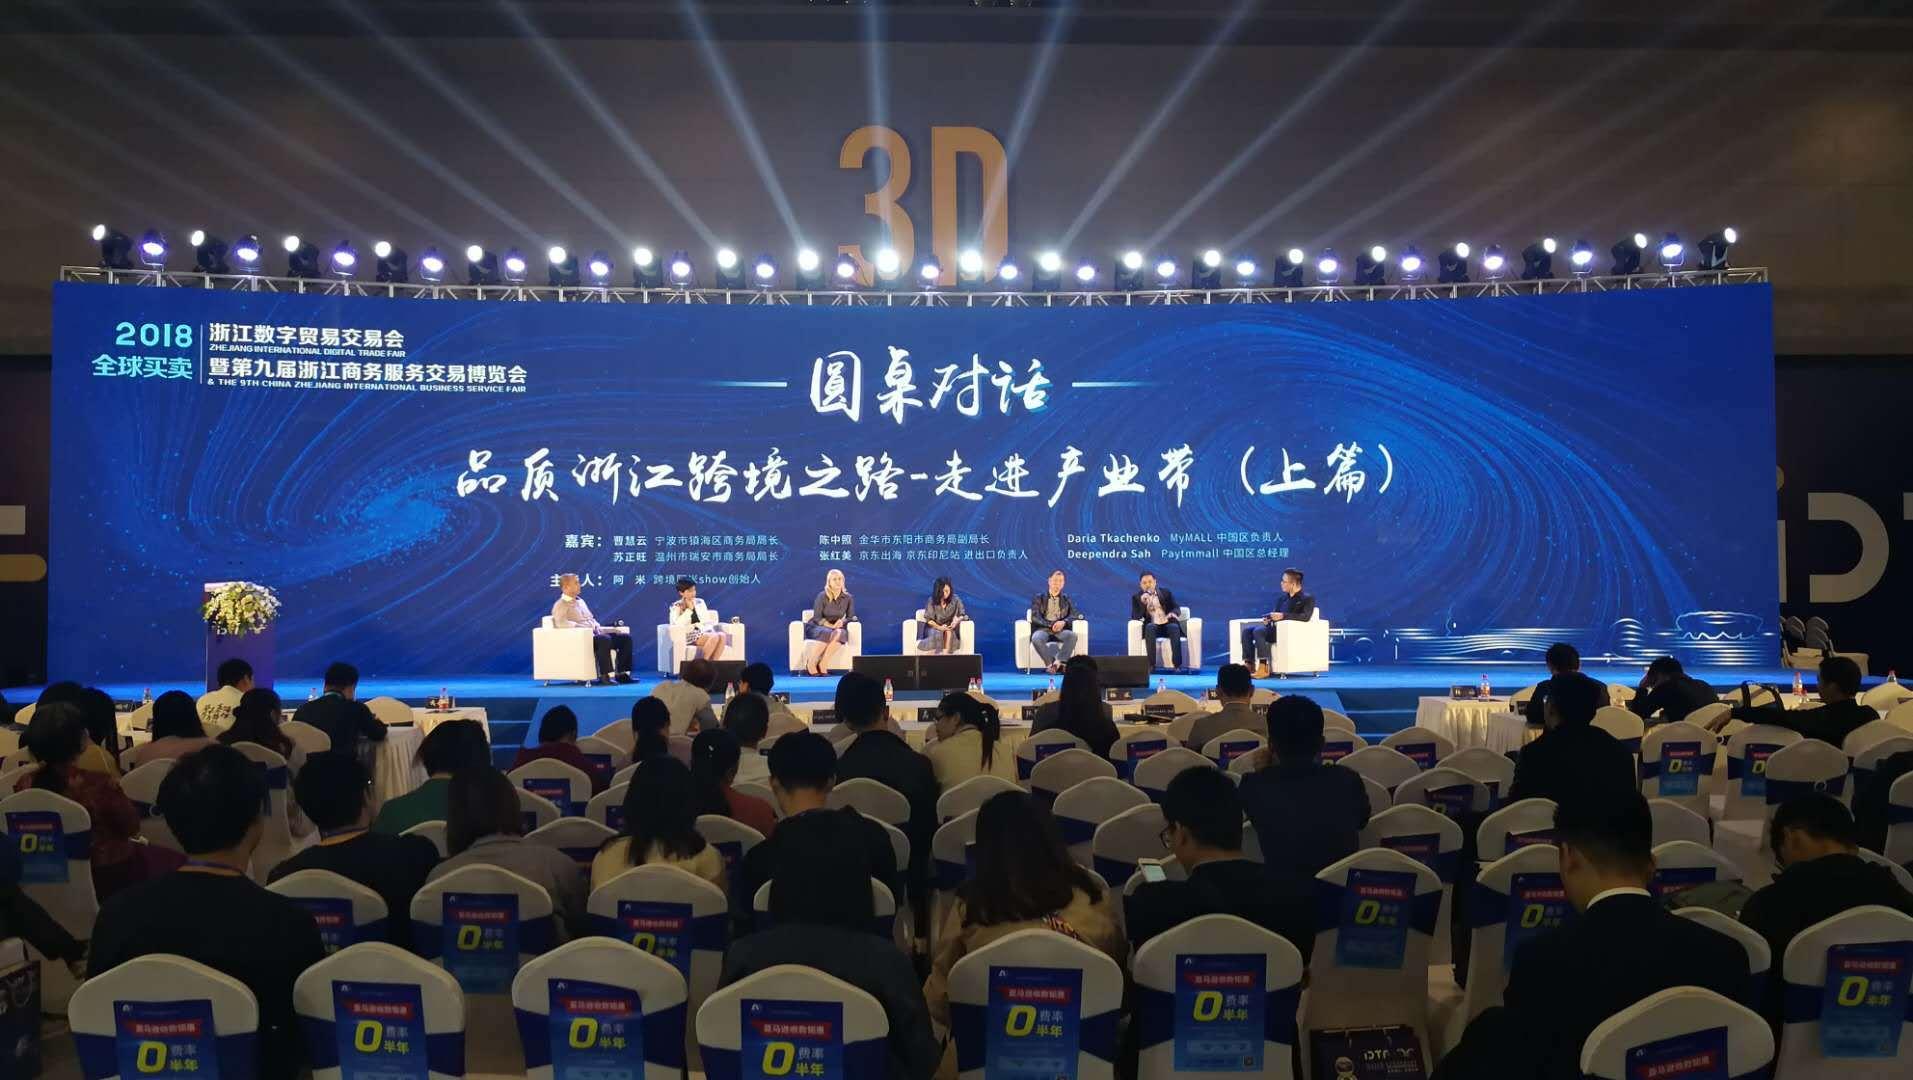 全球买卖:数字化助力品牌出海-识物网 - 15NEWS.CN